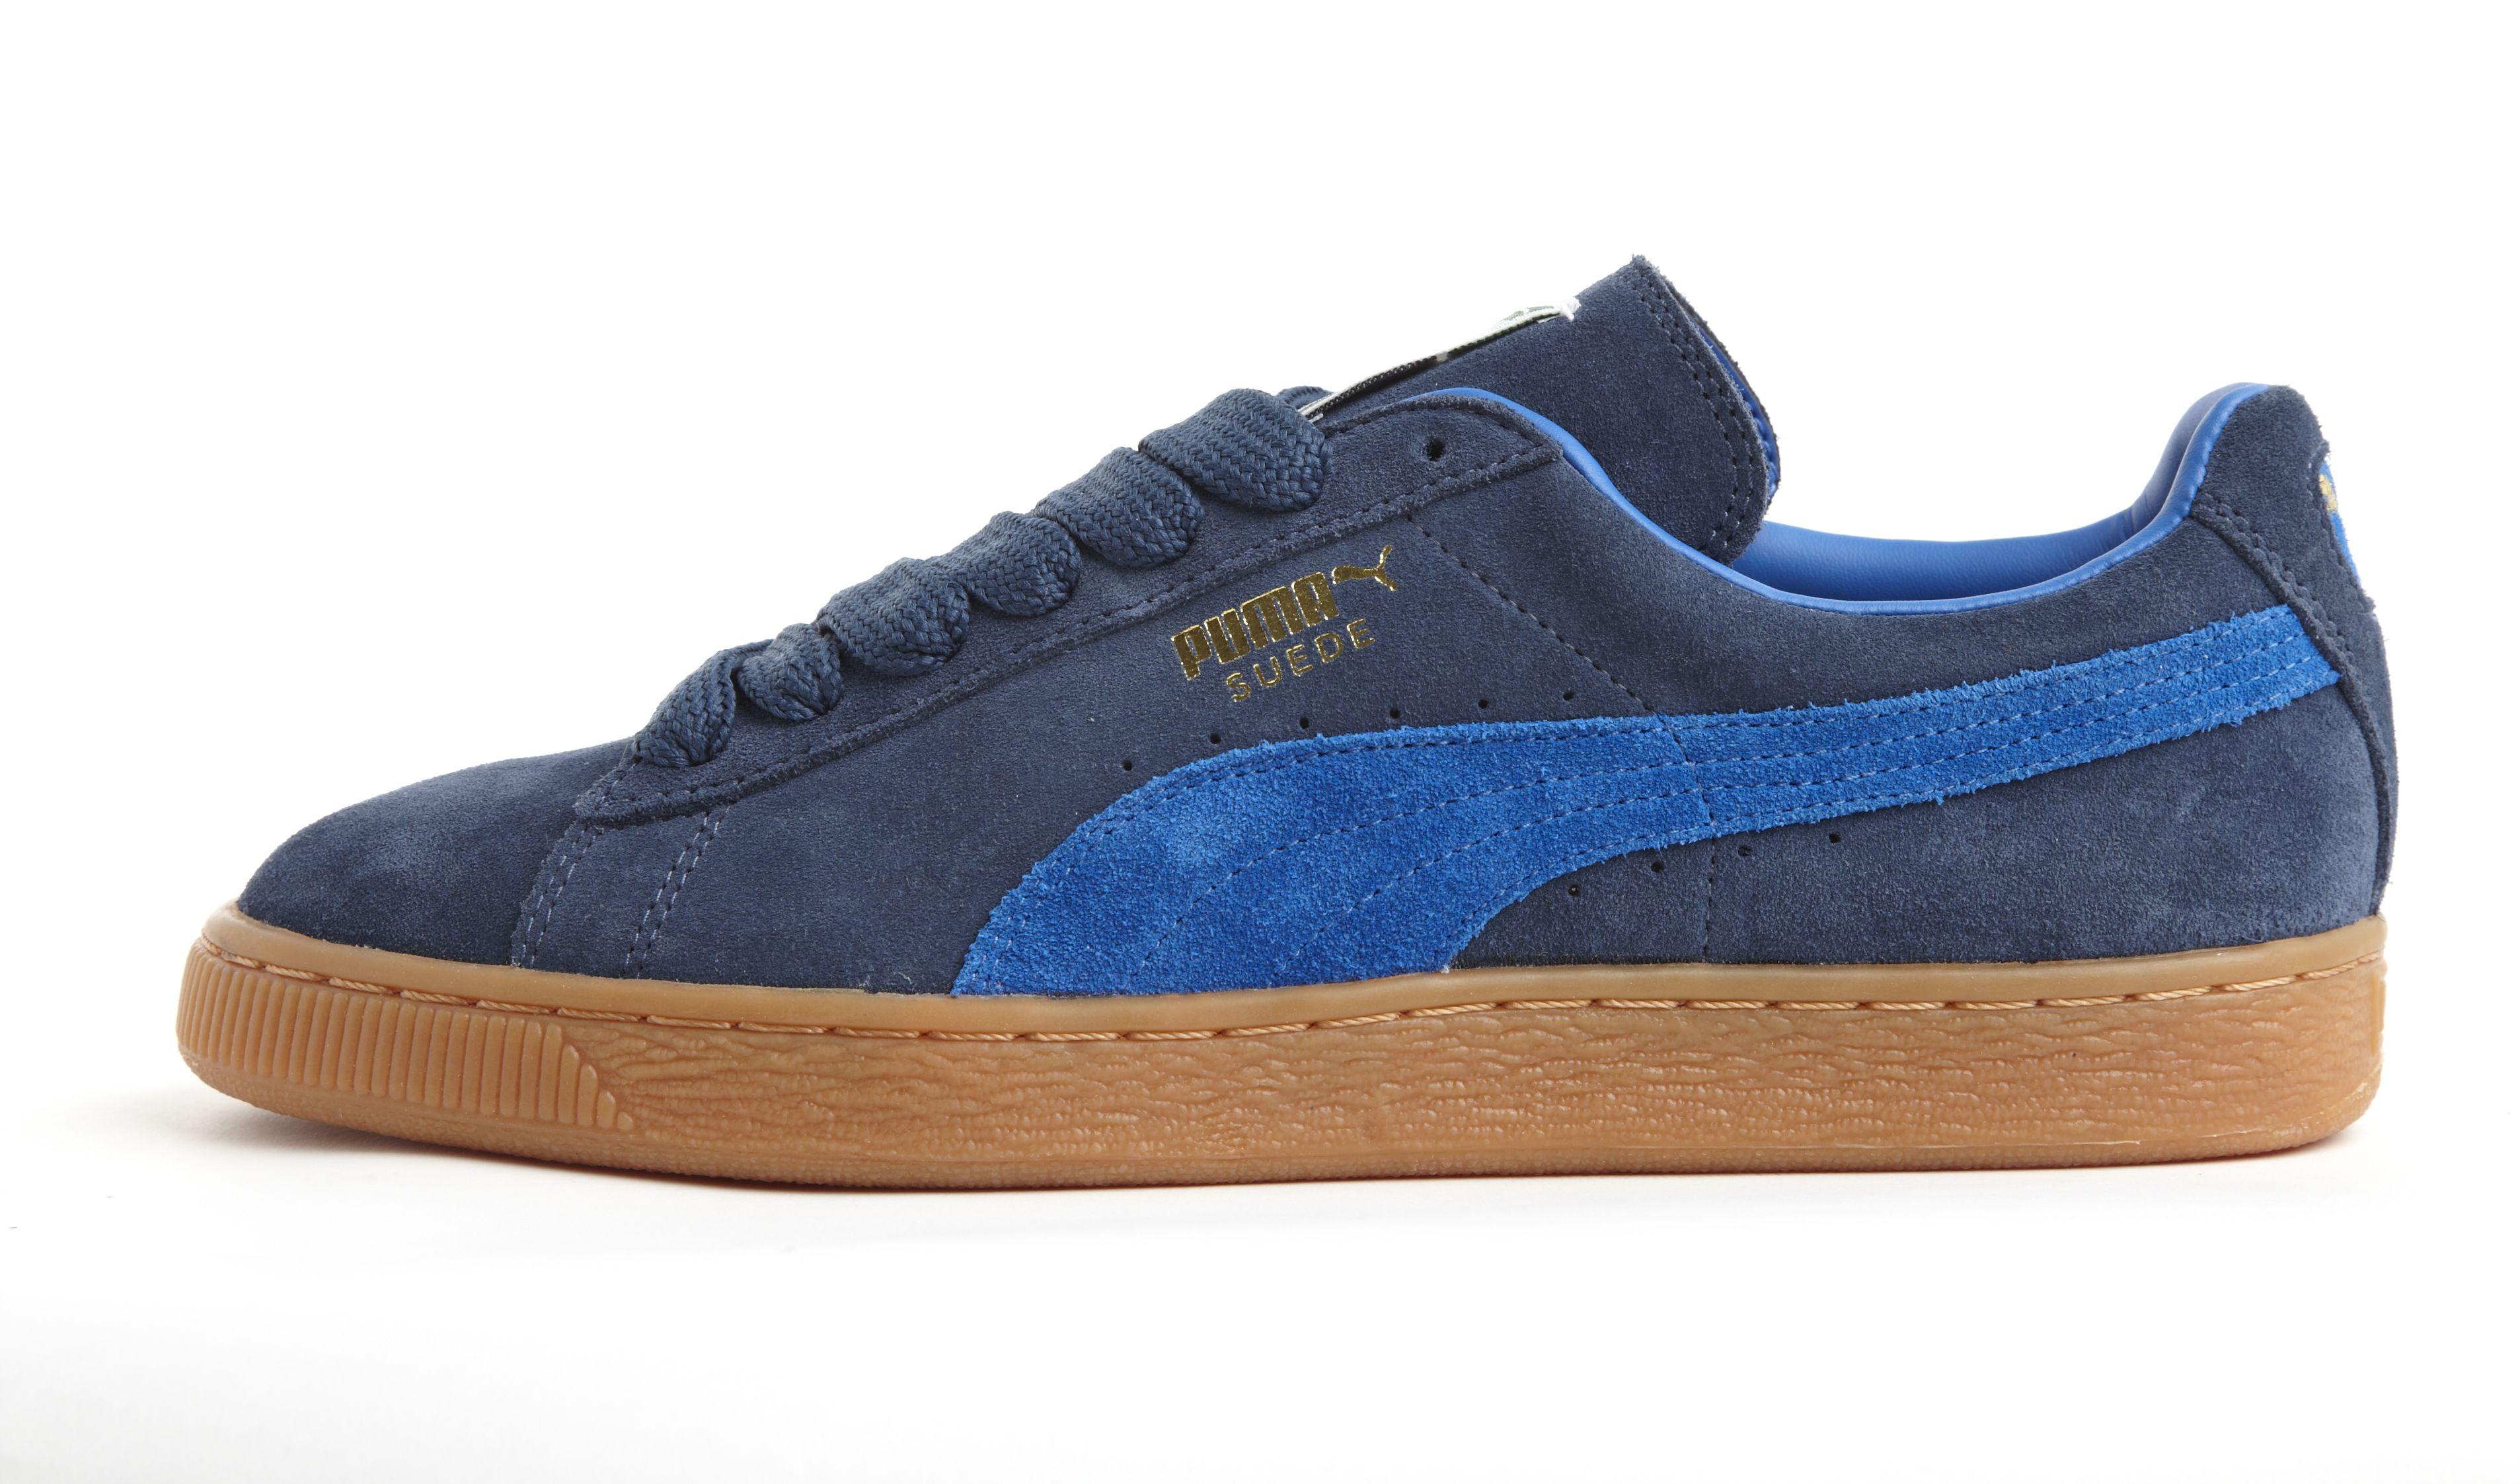 Puma Suede Navy/Blue gum